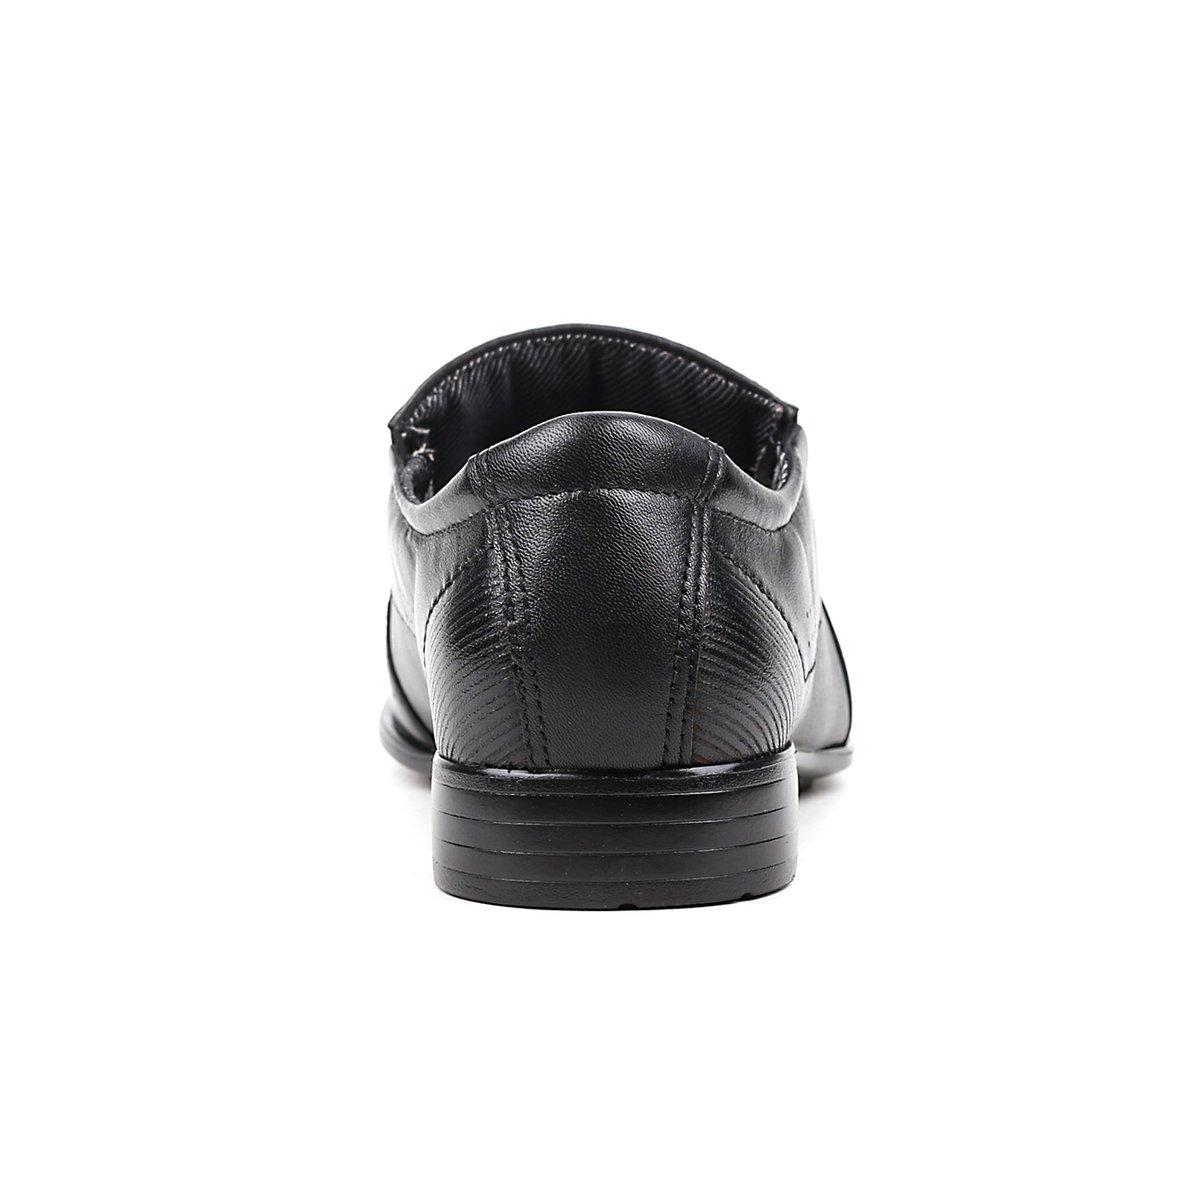 Sapato Casual Preto Casual Casual Pegada Sapato Preto Pegada Pegada Sapato Preto qCX05wg